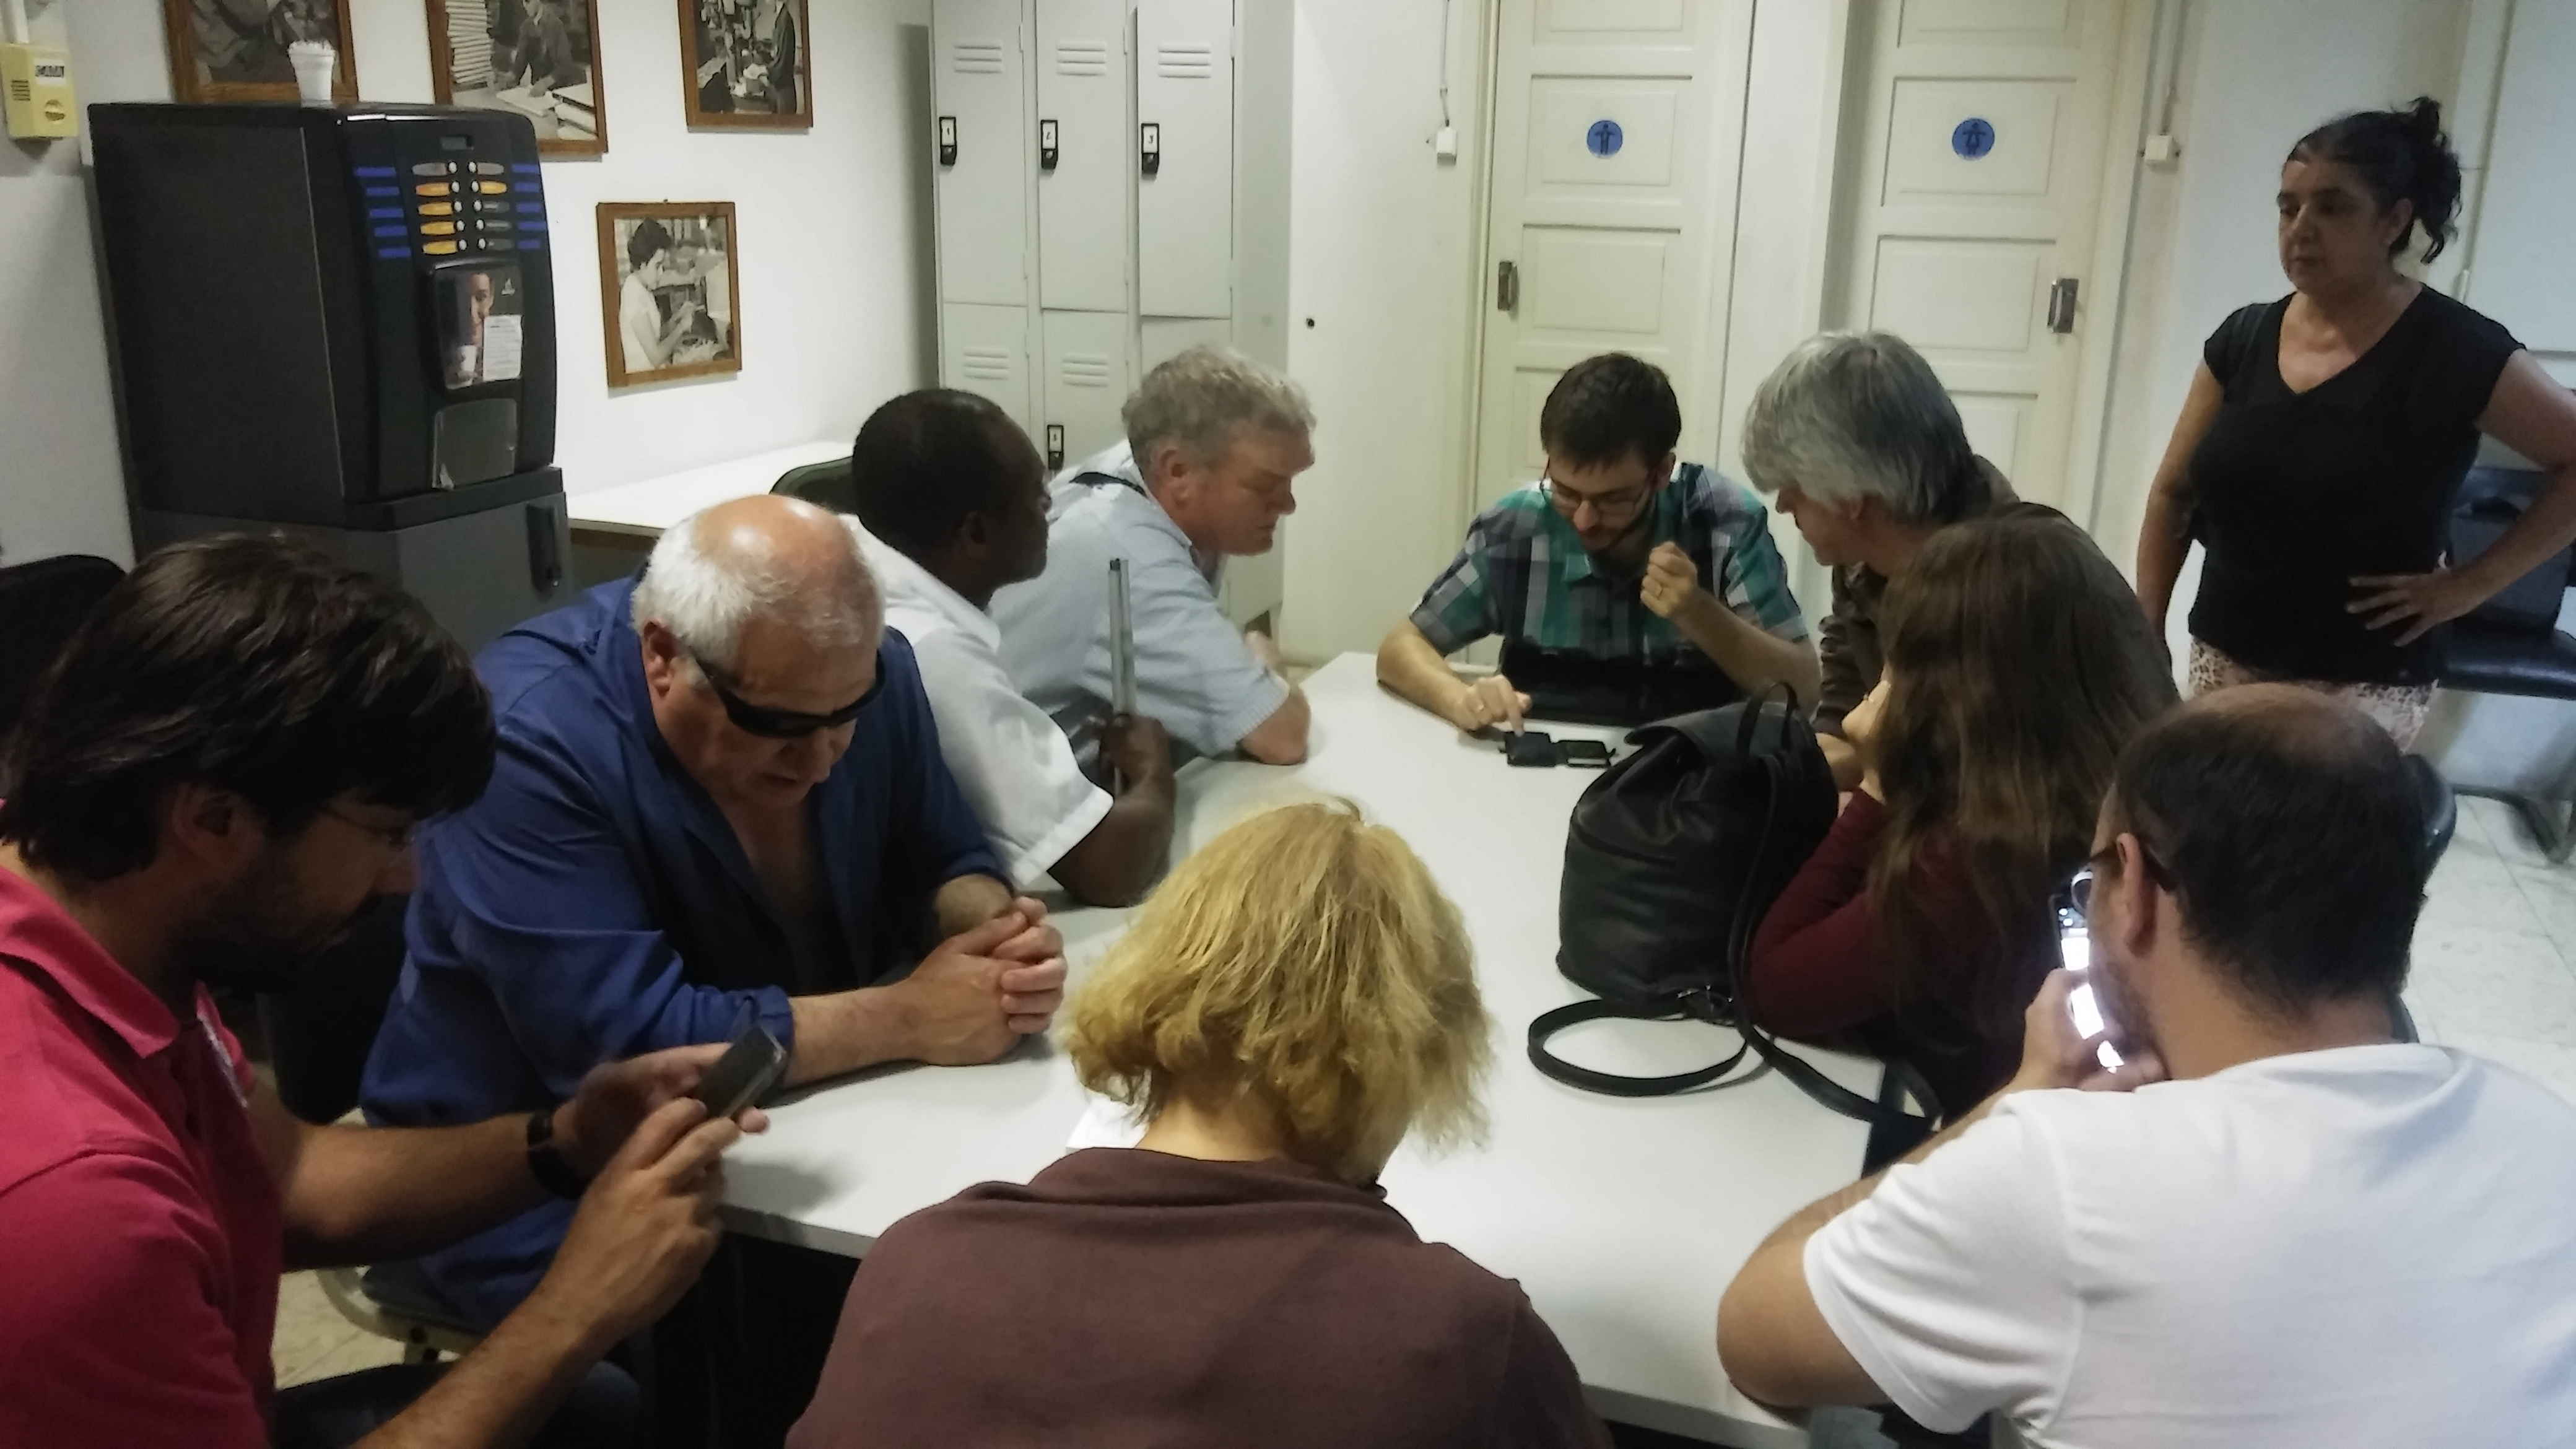 Fotografia geral do grupo de participantes na mesa onde se trabalhava com dispositivos Iphone